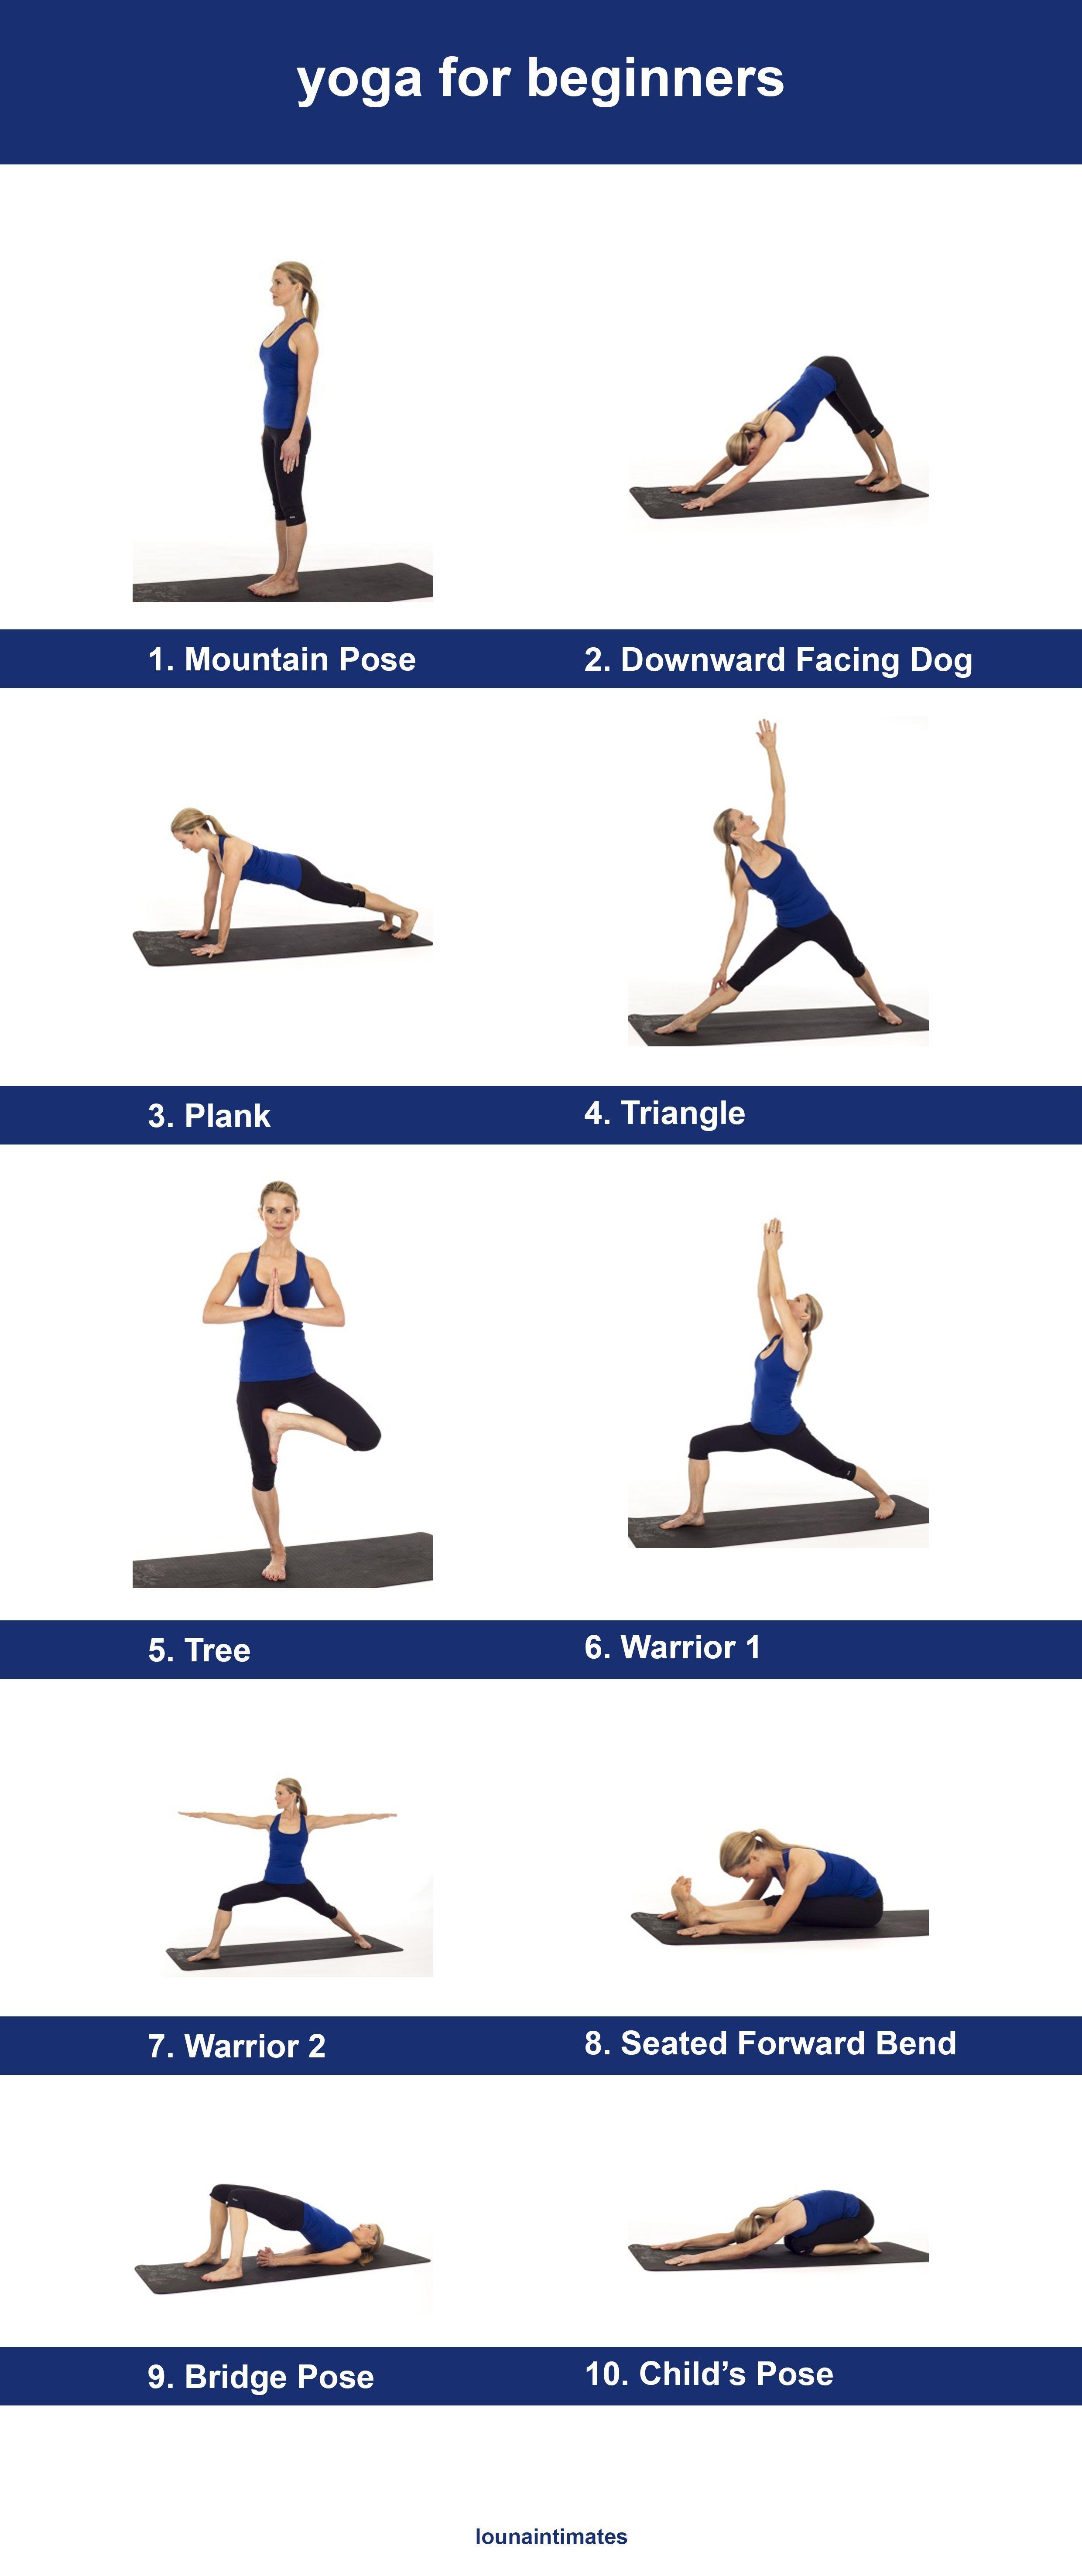 Yoga For Beginners Yoga For Beginners Yoga Poses For Beginners Pilates Programs